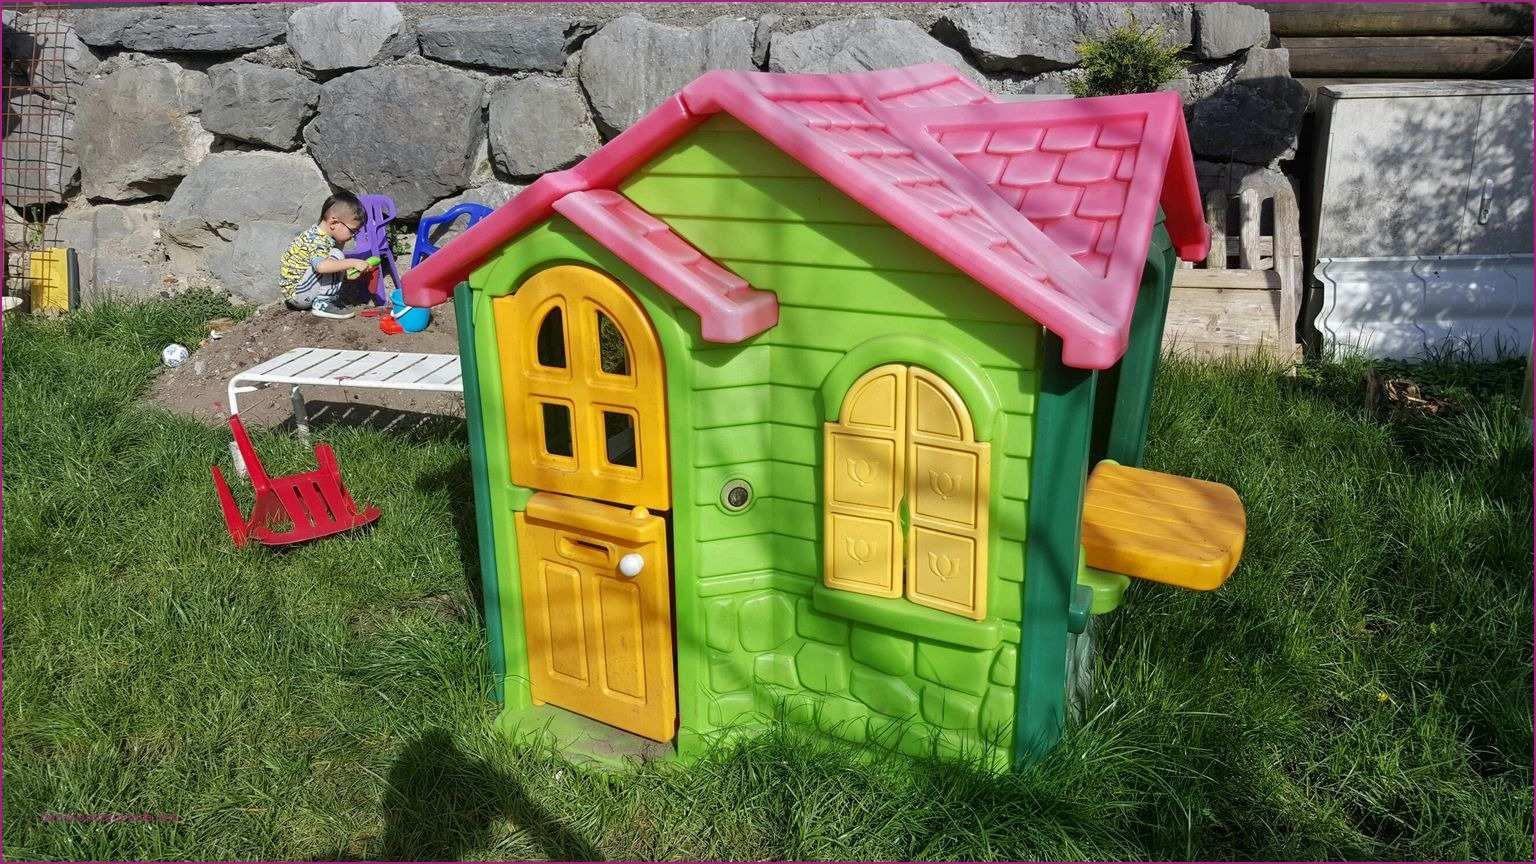 Spielhaus Garten Kunststoff  Spielhaus Kunststoff Ikea – Wohn design